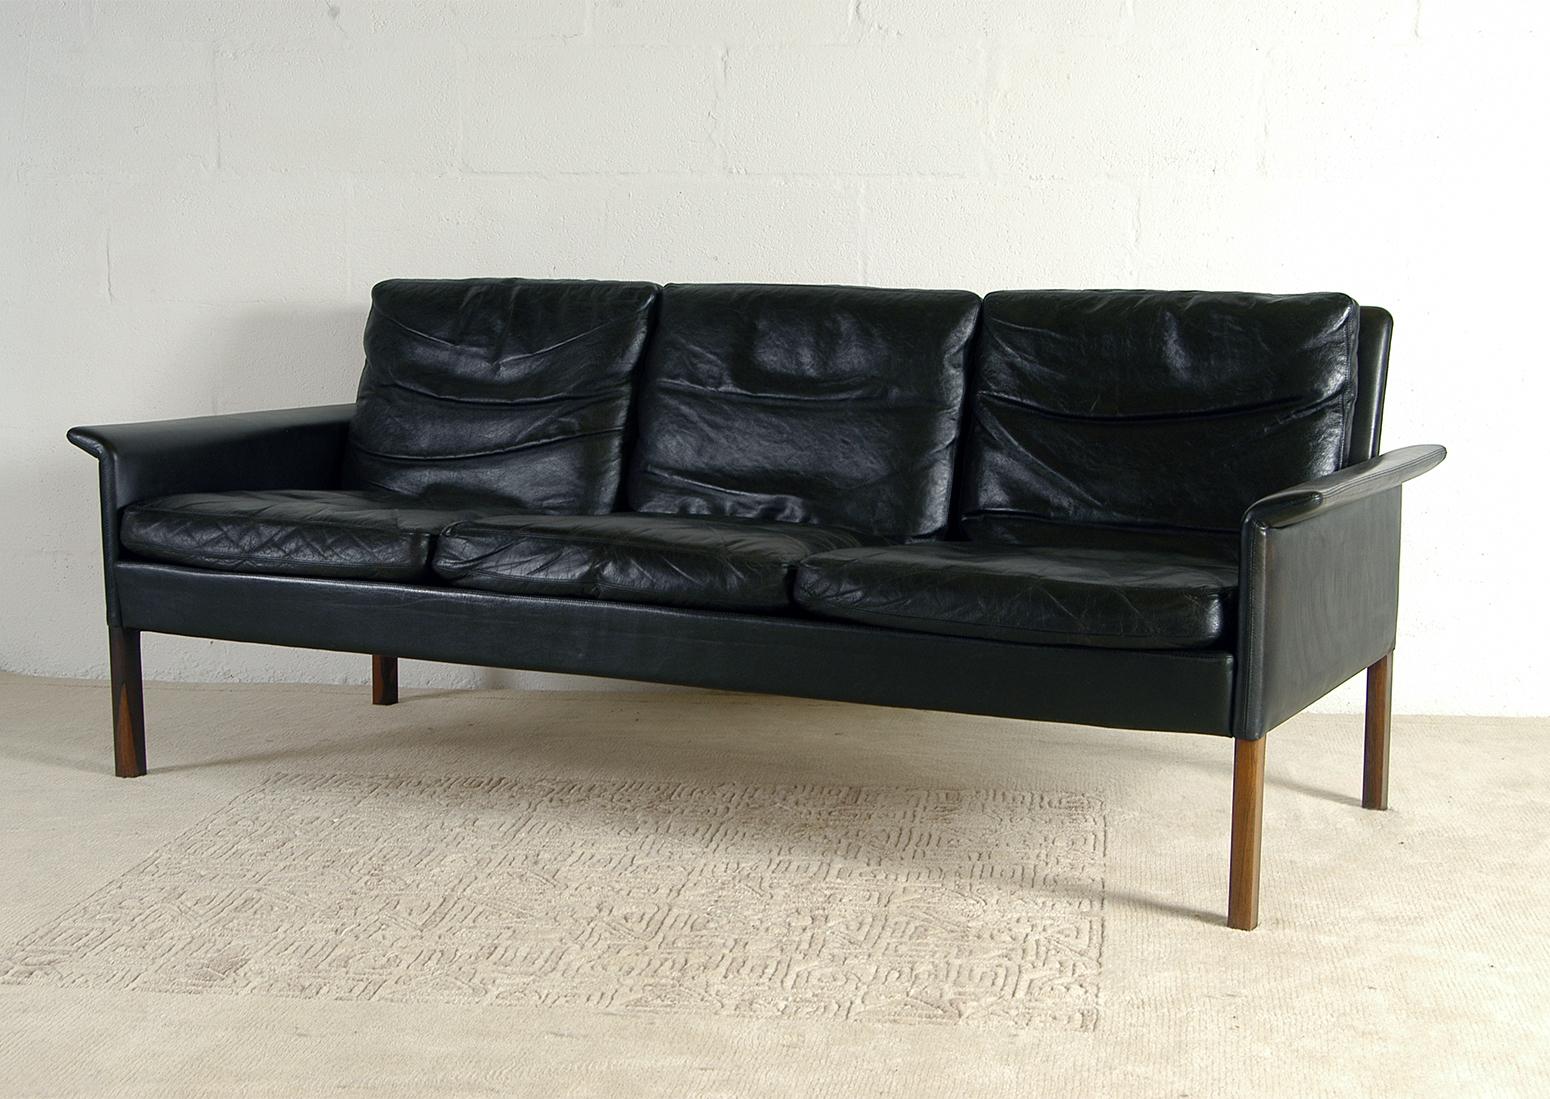 1960s Scandinavian Danish Midcentury Modern Leather Three Seat Sofa By Hans Olsen For Christian Sorensen Denmark Rosewood